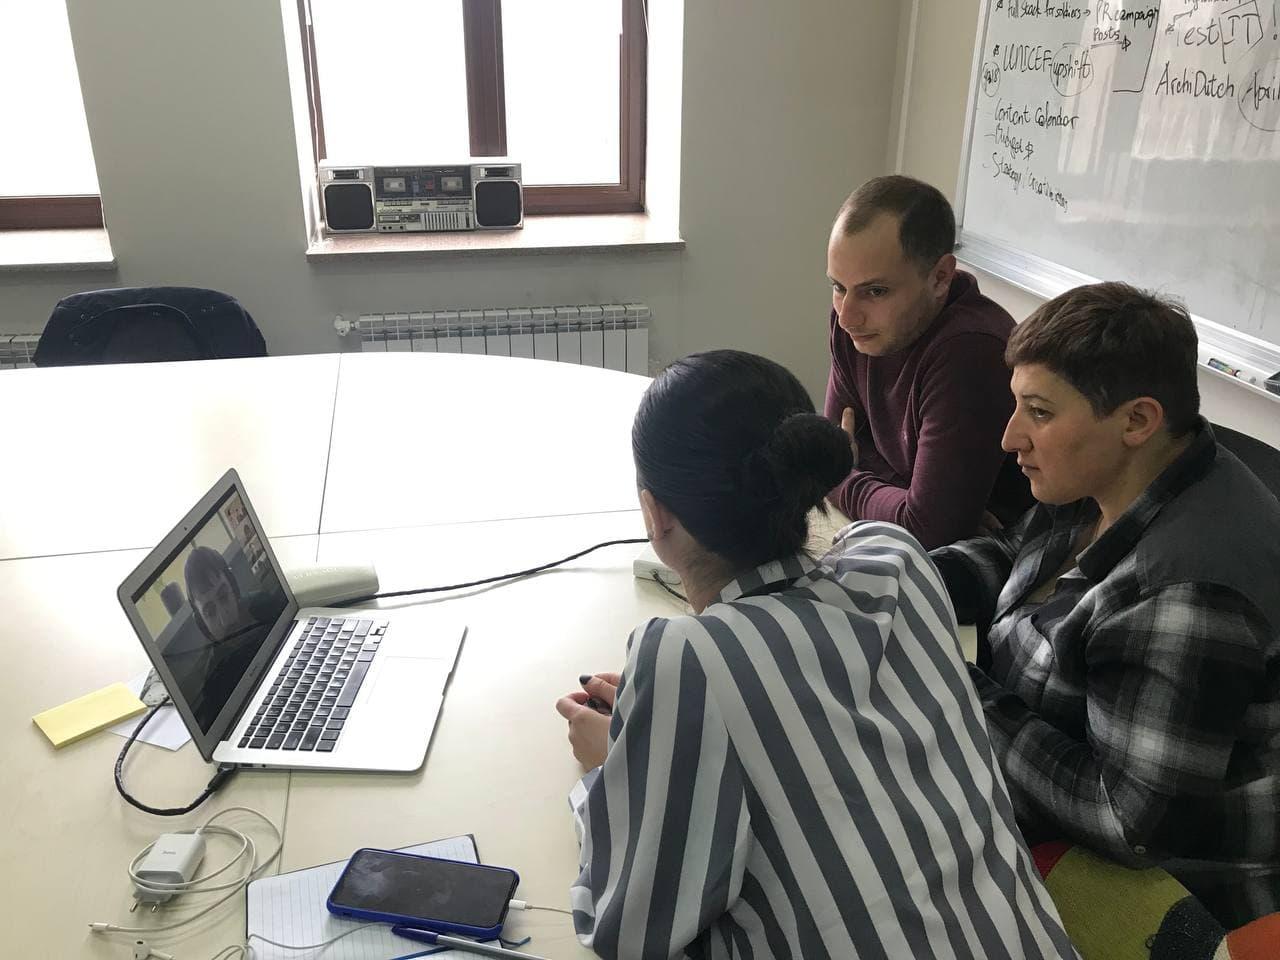 ԳՏԿ-ում և ՎՏԿ-ում «Full Stack ծրագրավորում» դասընթացի շրջանակում առցանց հանդիպումները շարունակվում են